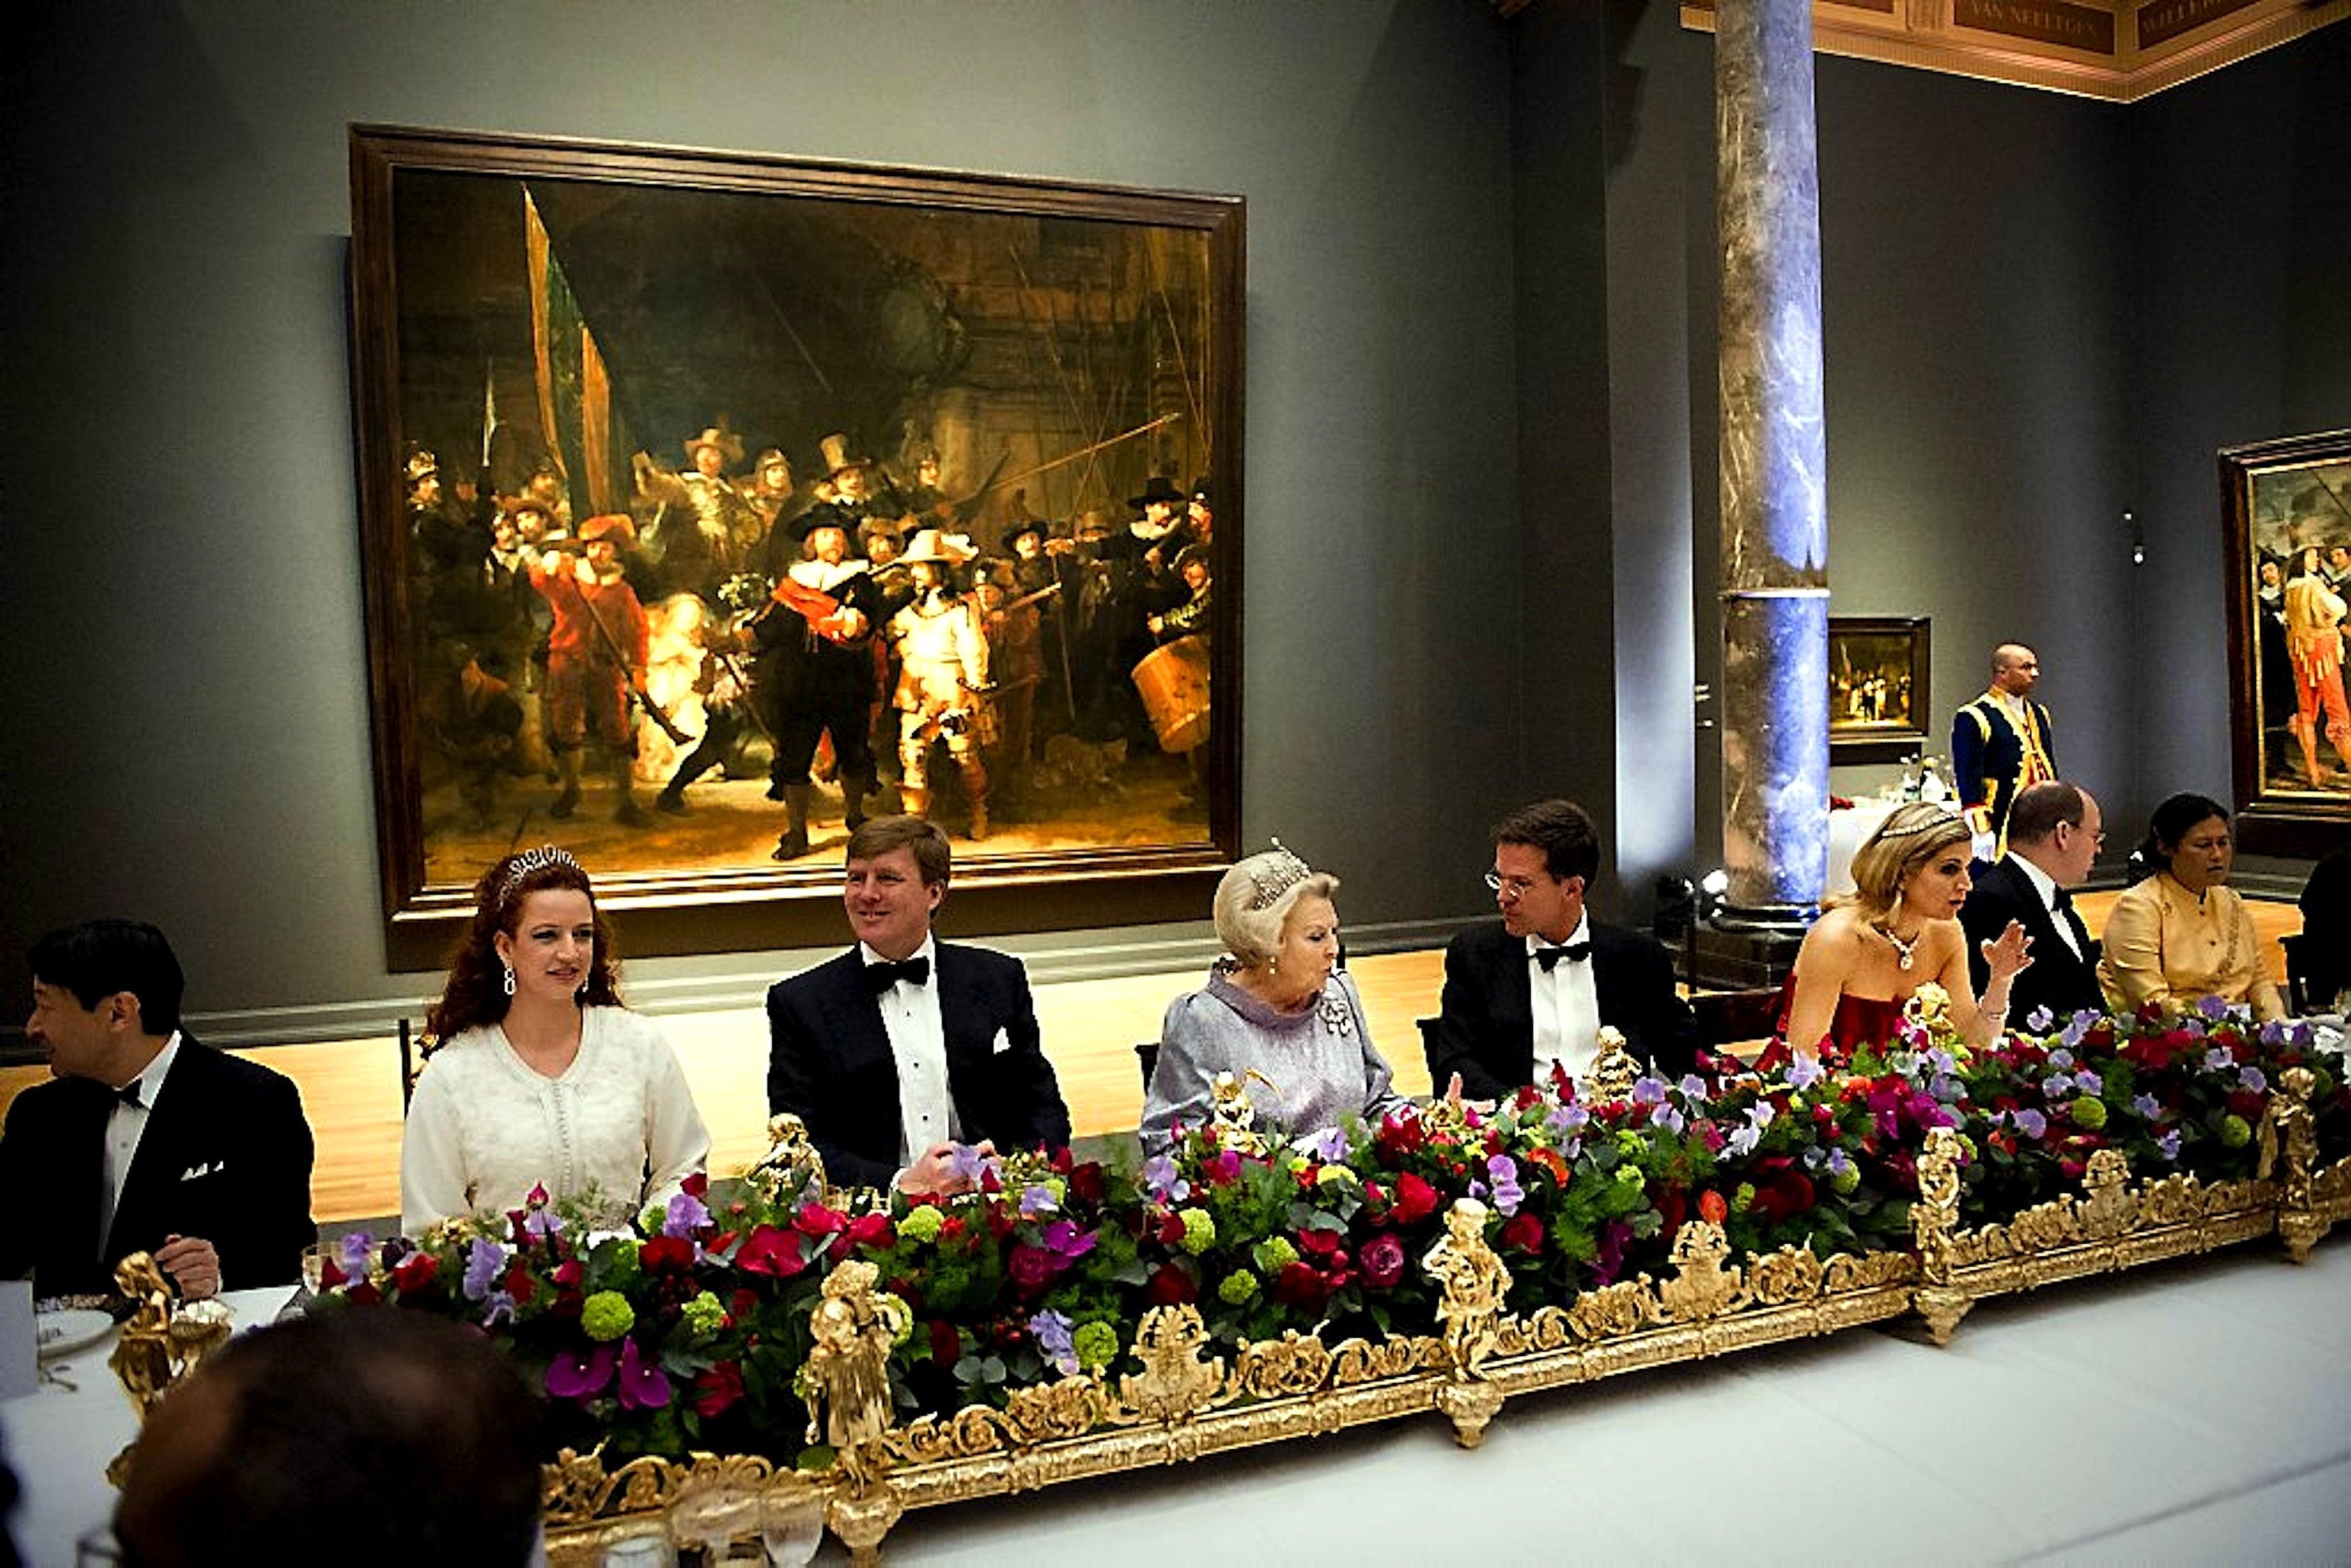 Dineren ter gelegenheid van het aftreden van koningin Beatrix in het Rijksmuseum